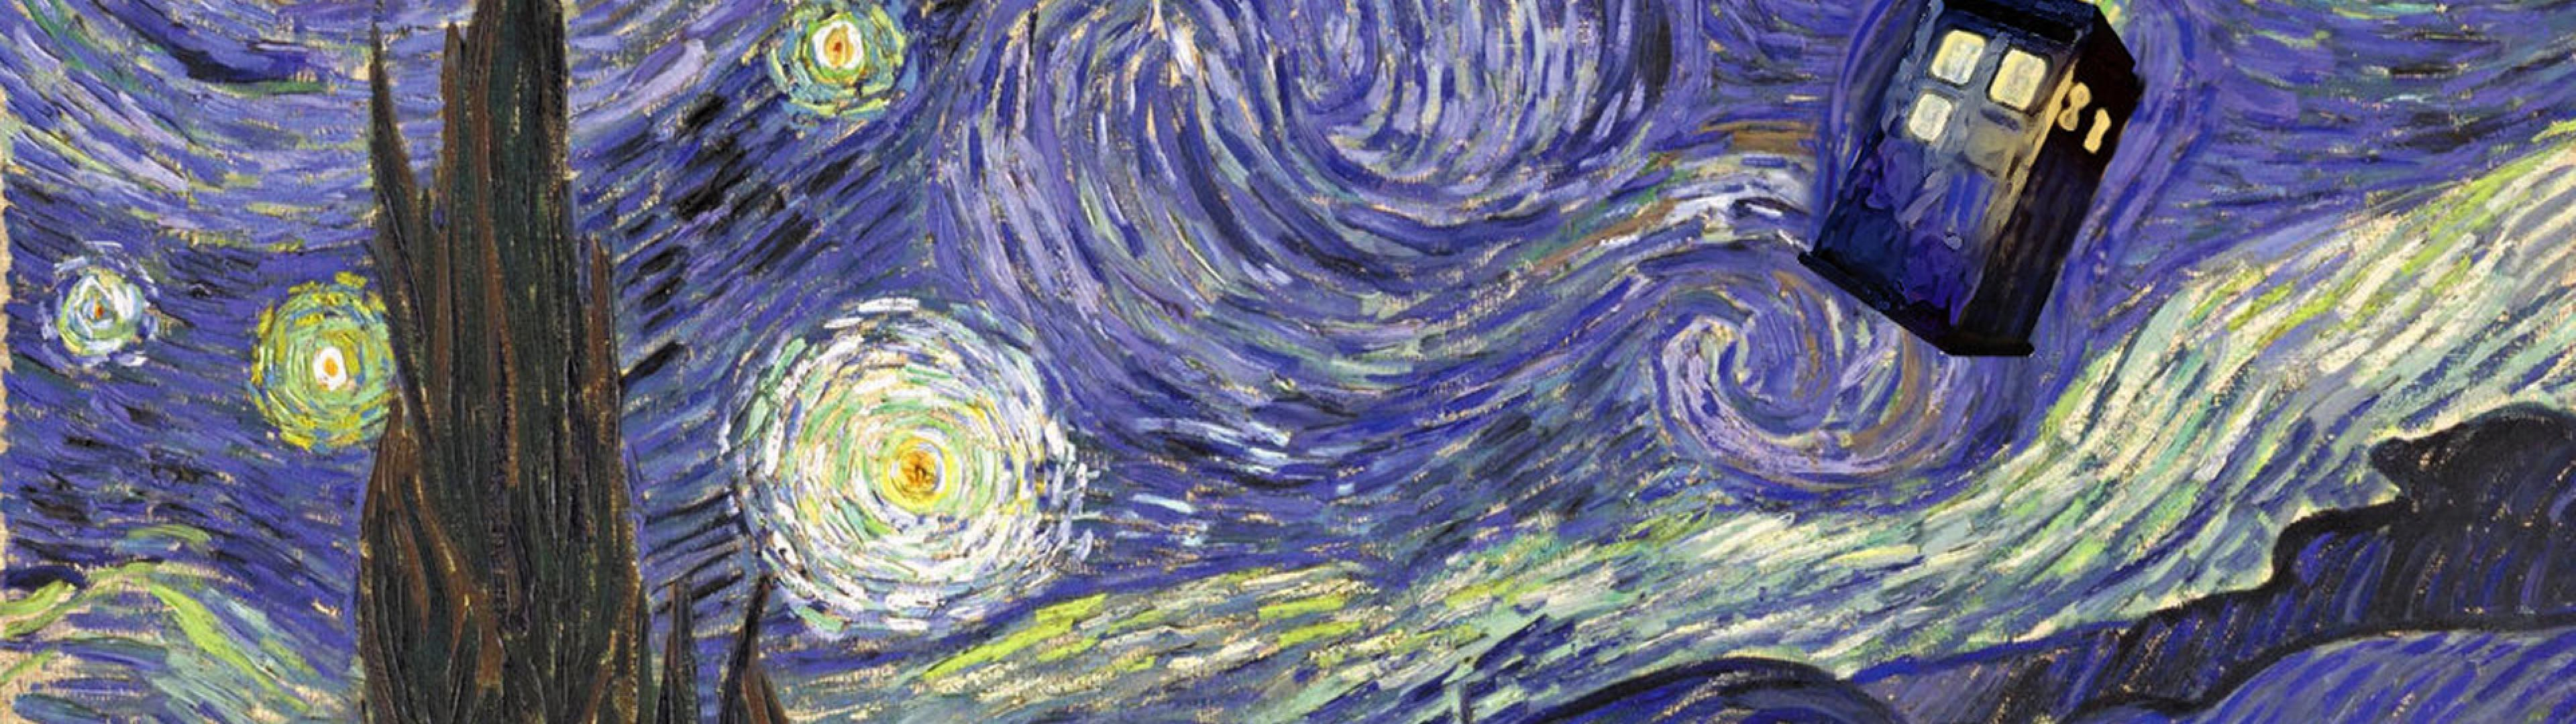 Dr Gadget Van Gogh